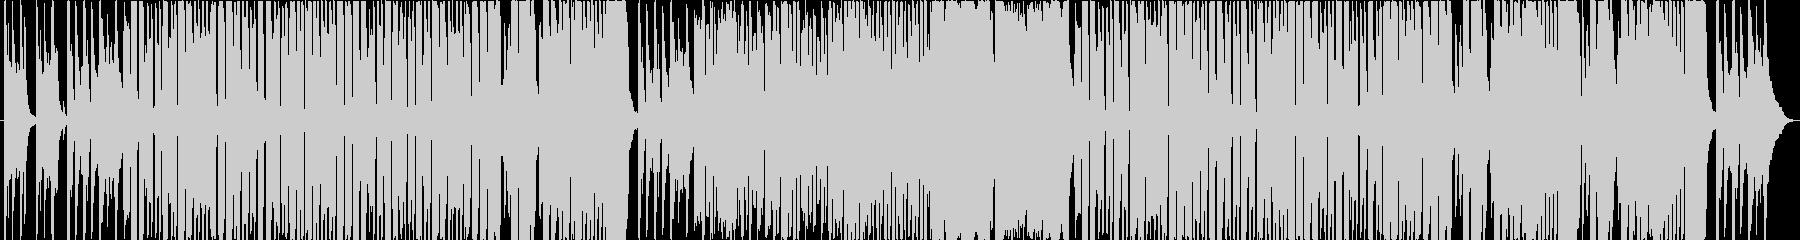 【CMPVアニメ】ワンパク探検可愛い行進の未再生の波形